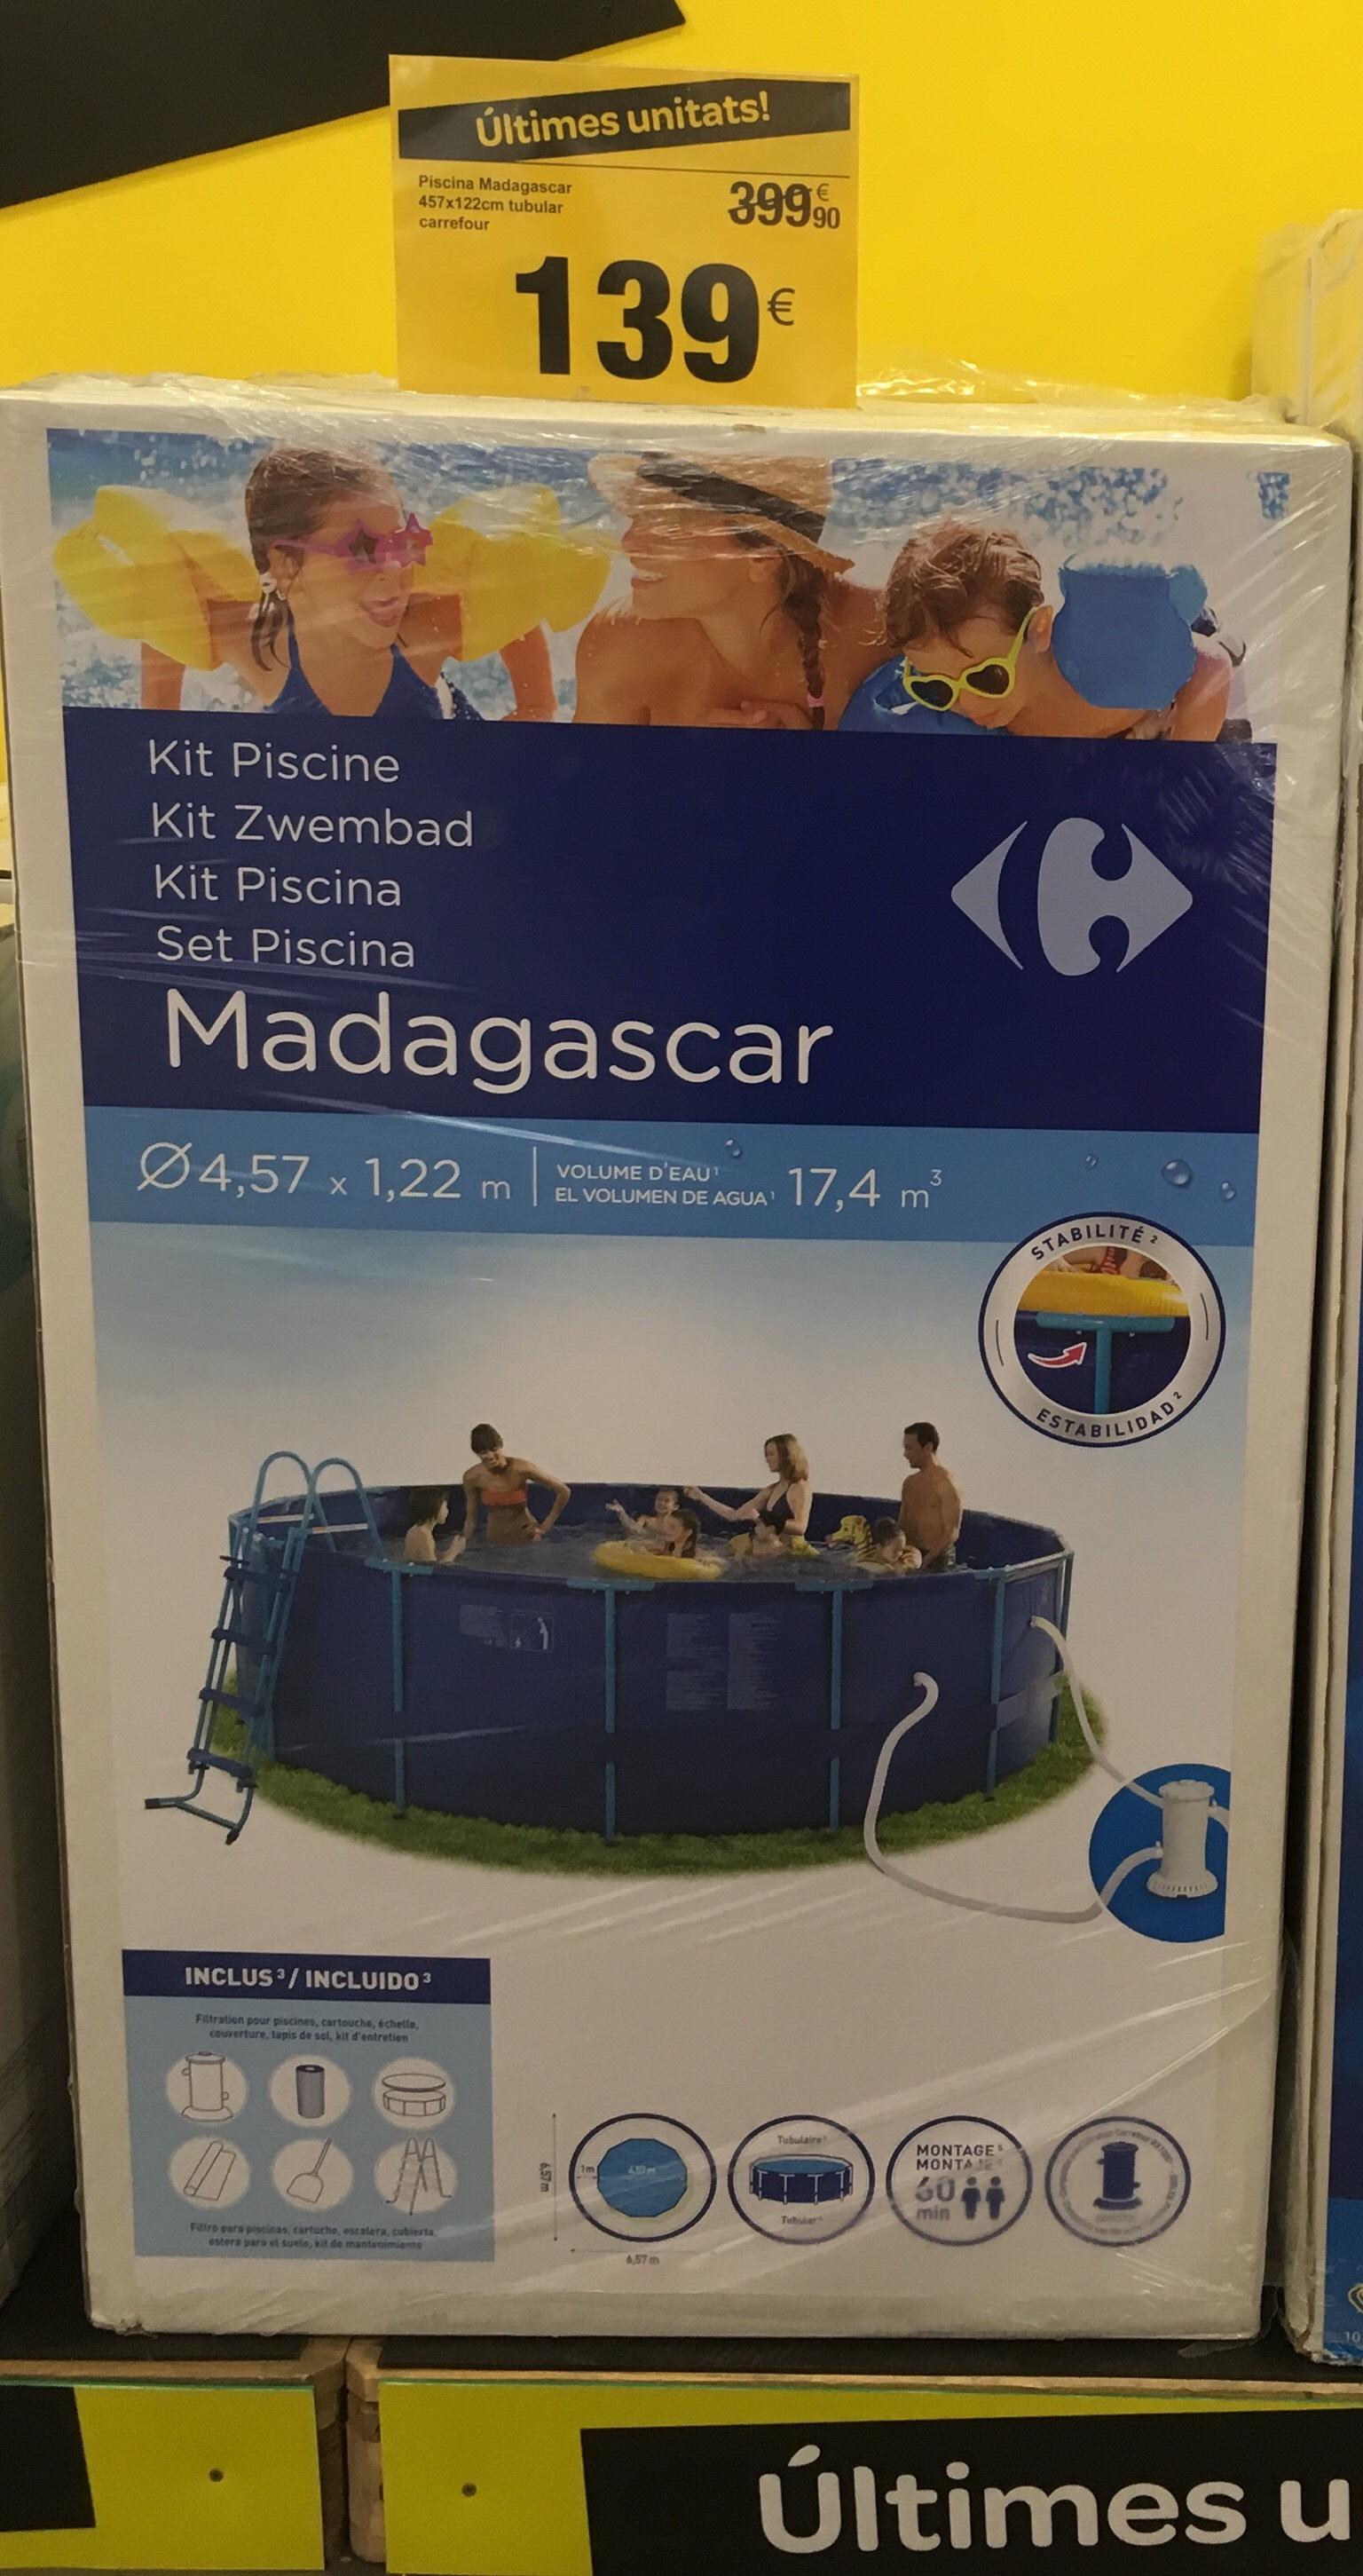 Piscina Madagascar Carrefour